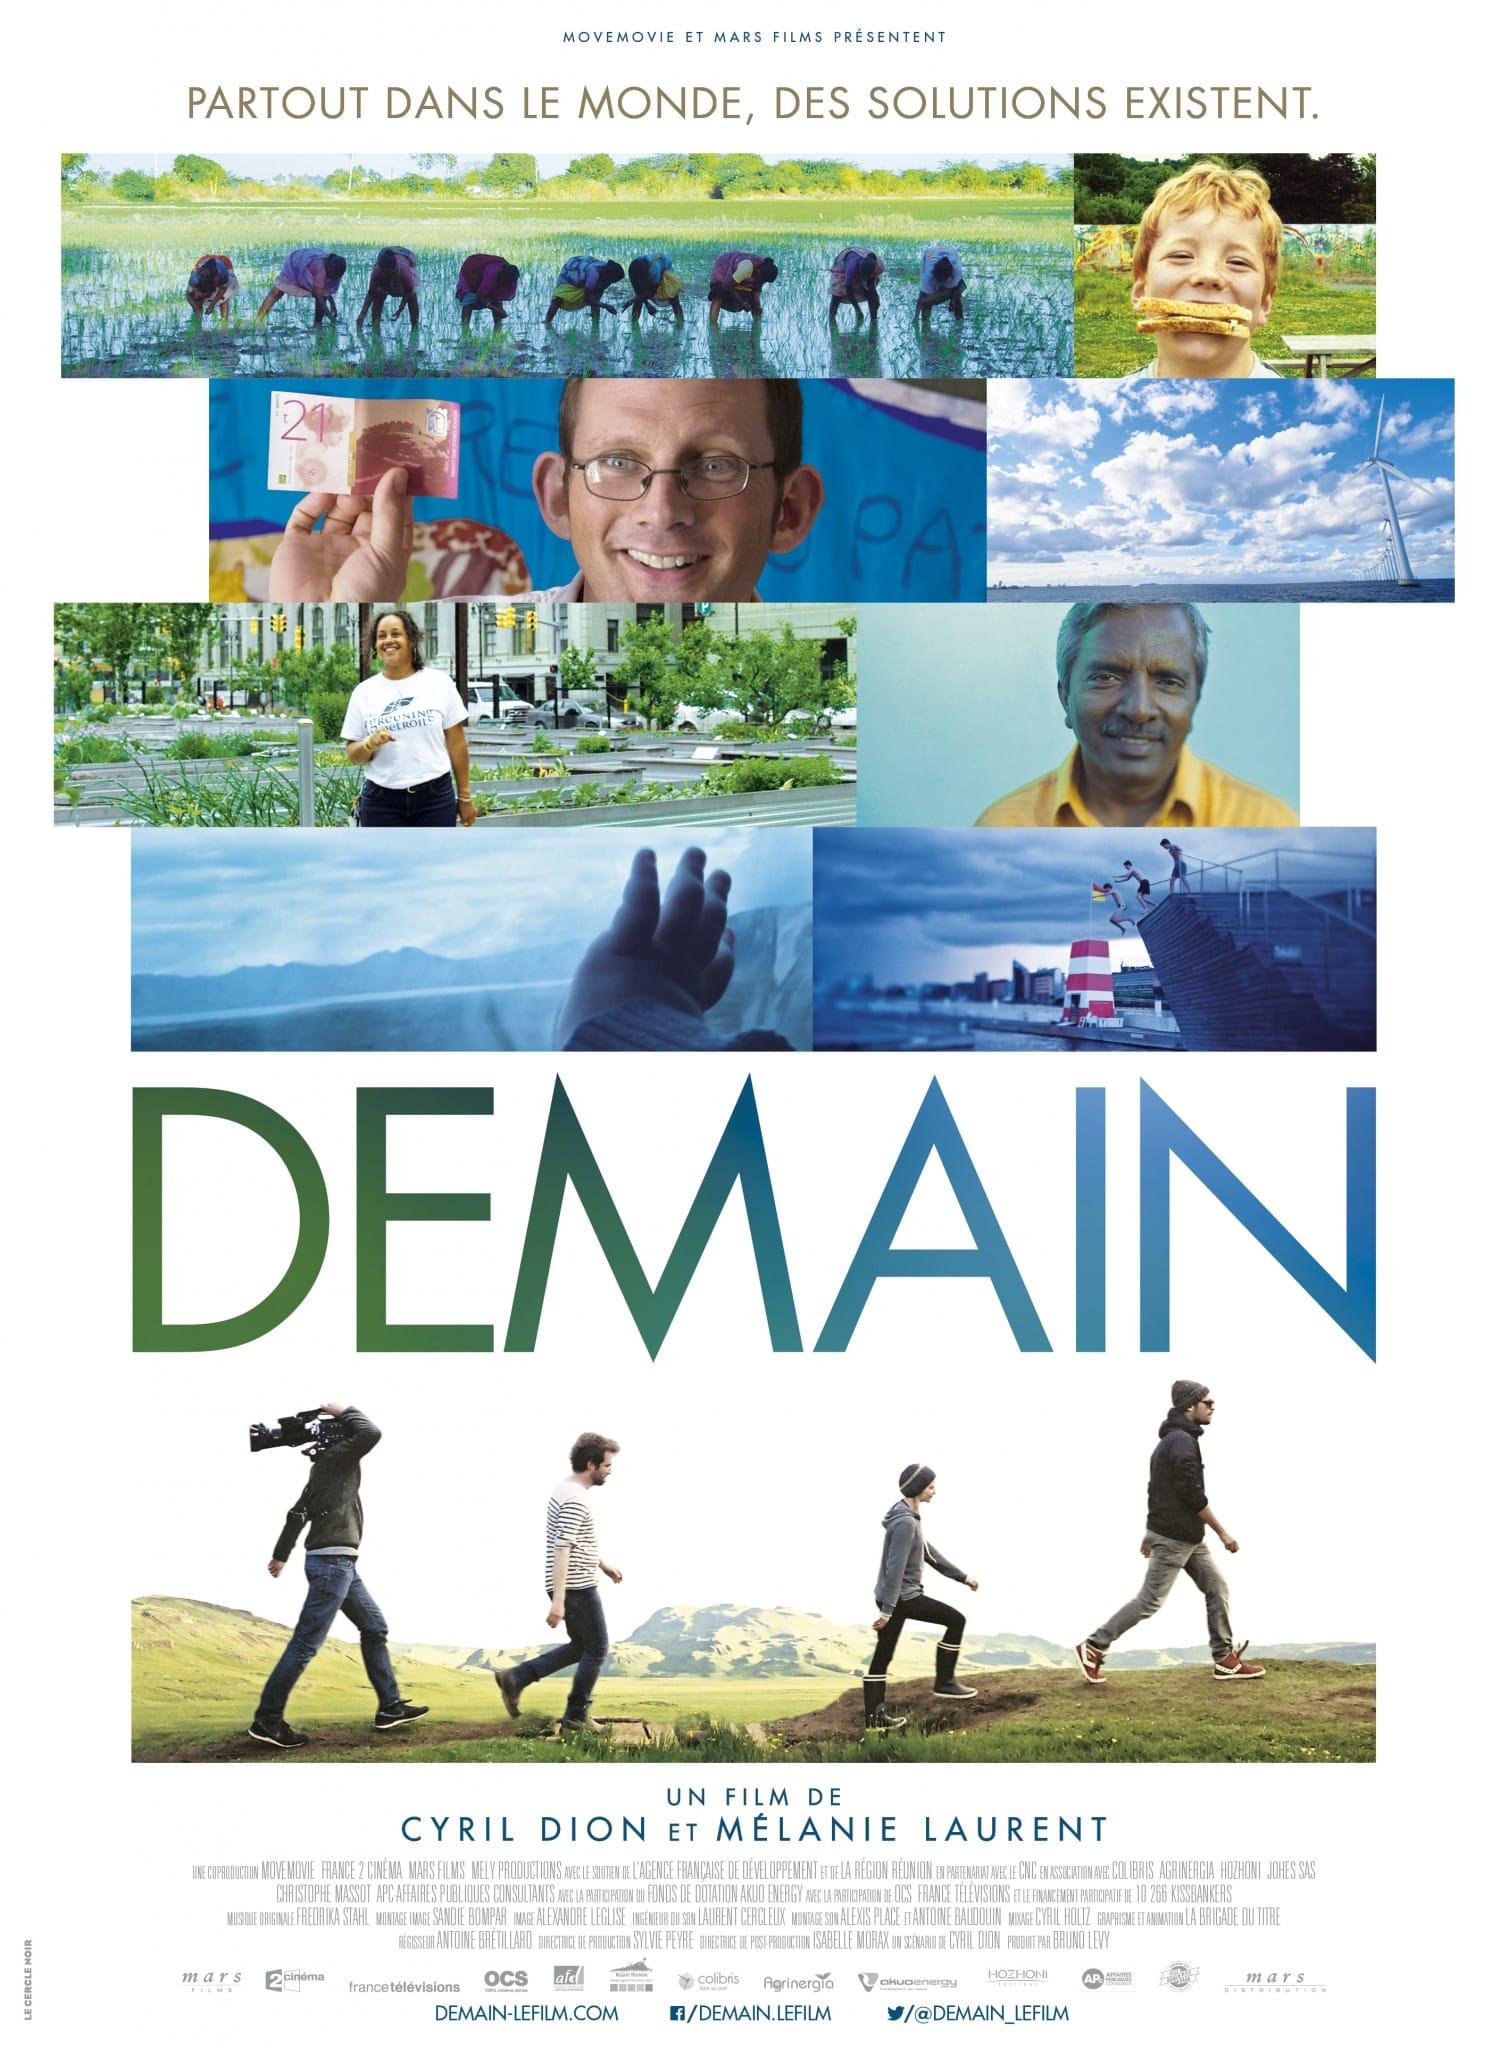 DEMAIN AFFICHE film cinéma documentaire